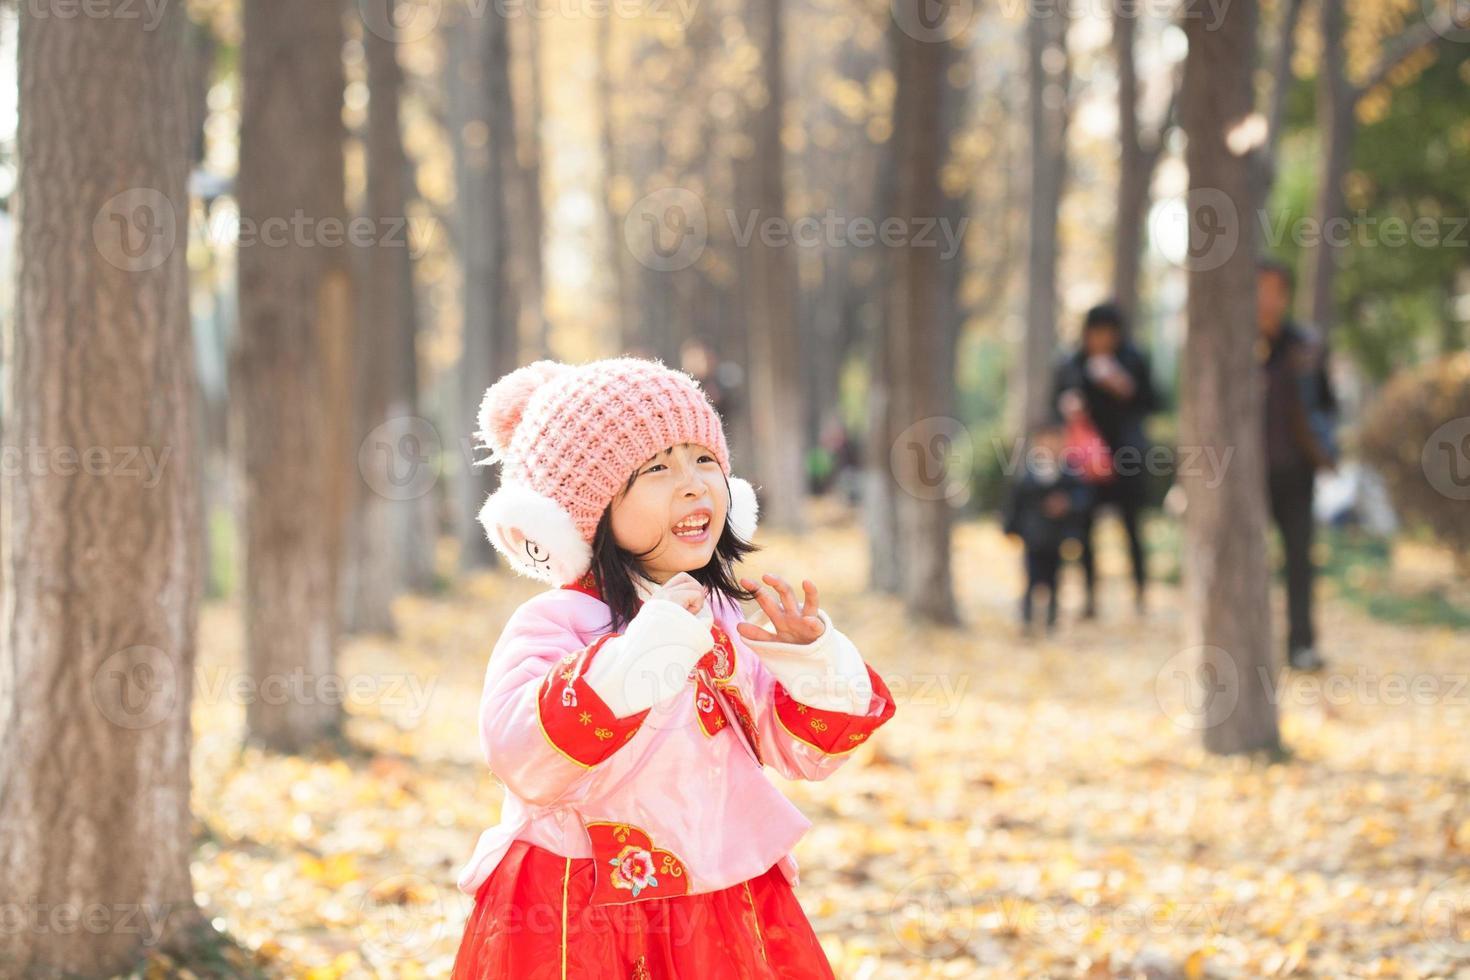 meisje jurk in sneeuwwit kostuum in het bos foto